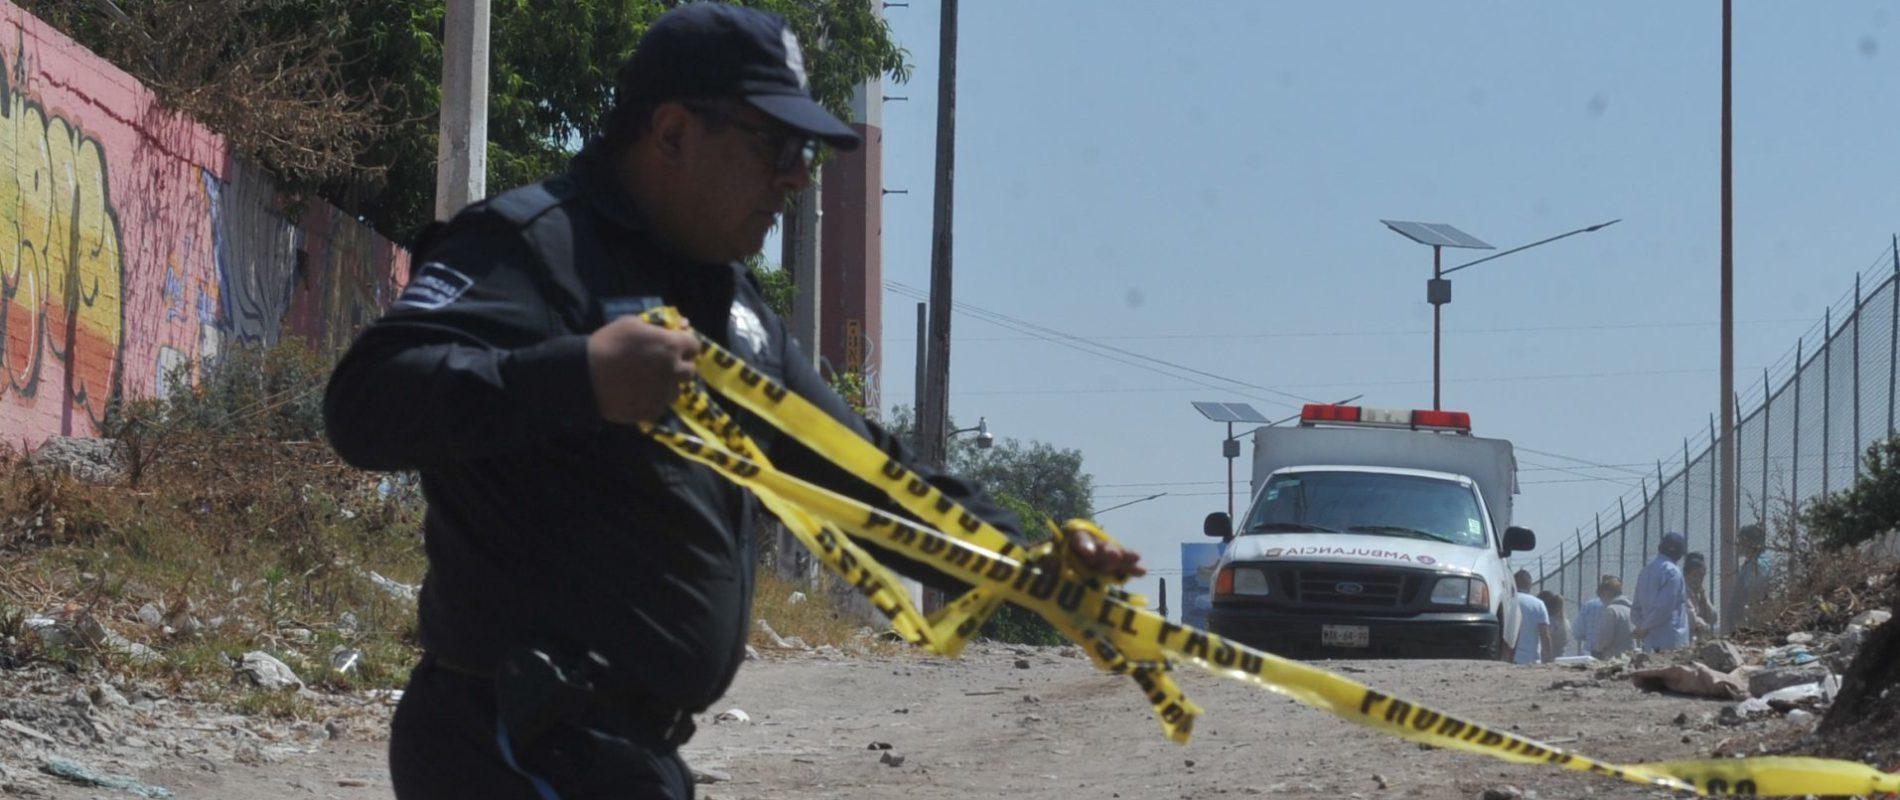 Sicarios asesinan a pareja de adolescentes y dejan narcomanta: Presuntamente eran halcones